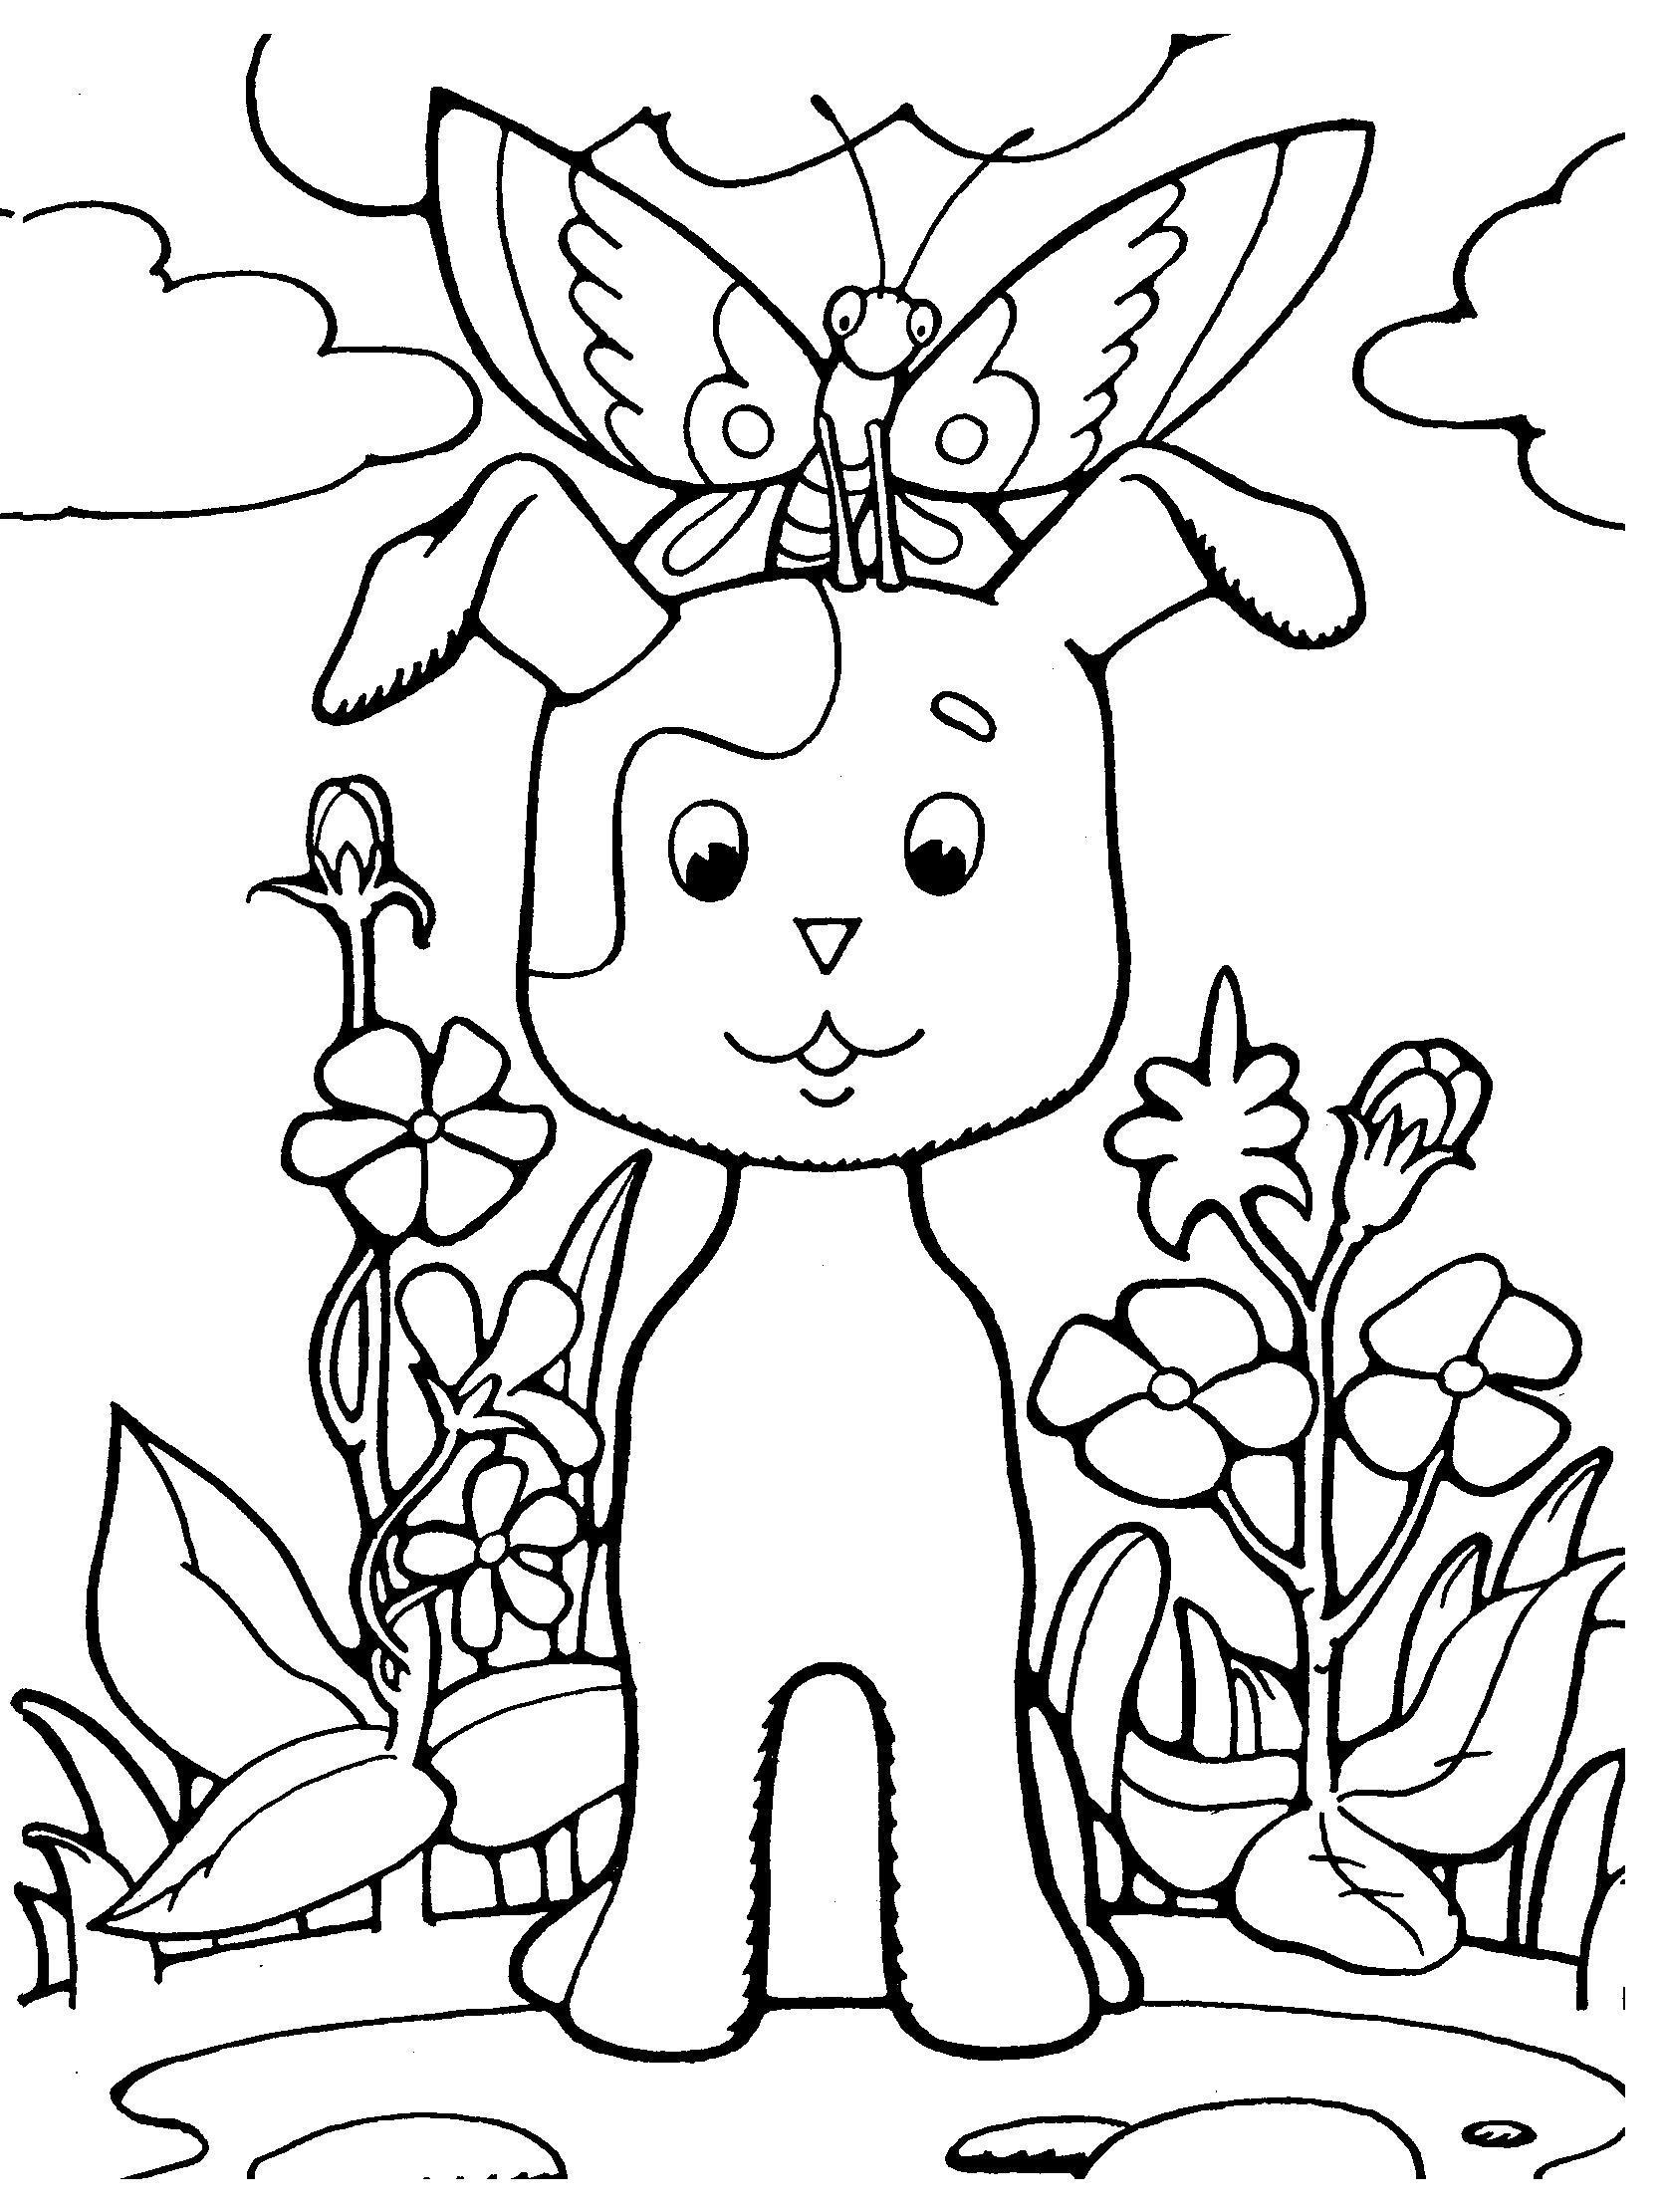 Щенок из мультфильма котенок по имени гав Красивые раскраски цветов